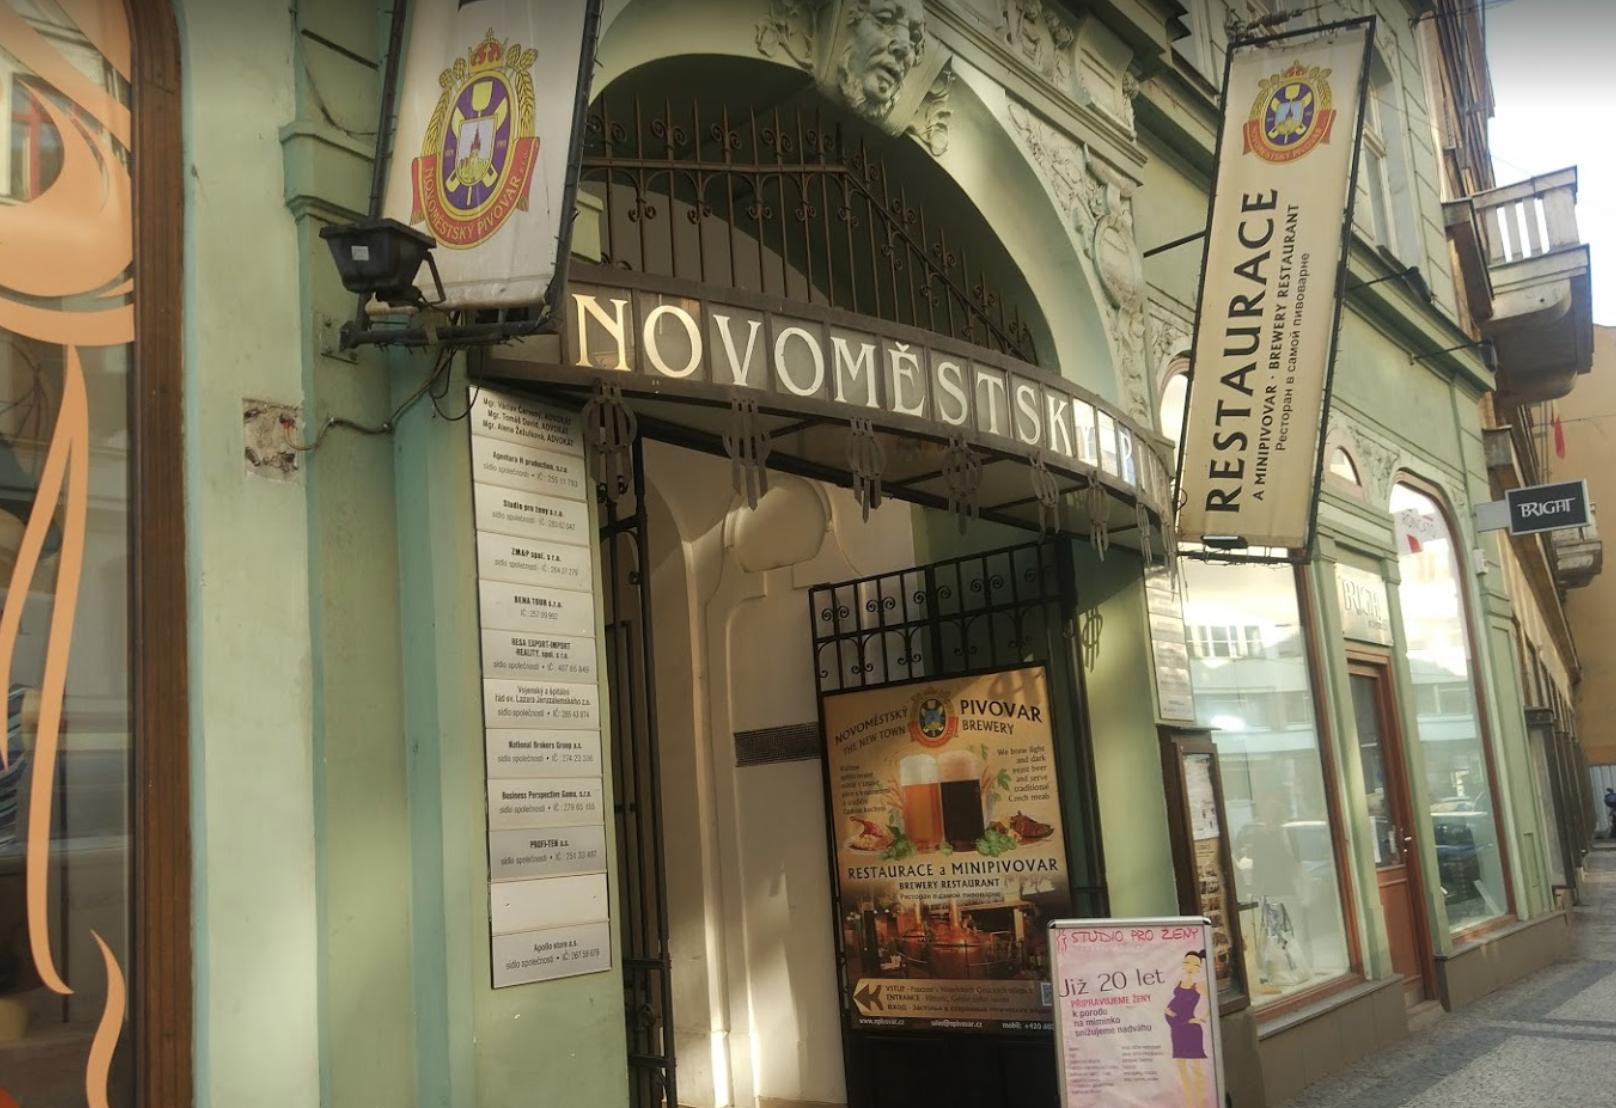 Пивоварня Новоместская (Novoměstský pivovar)